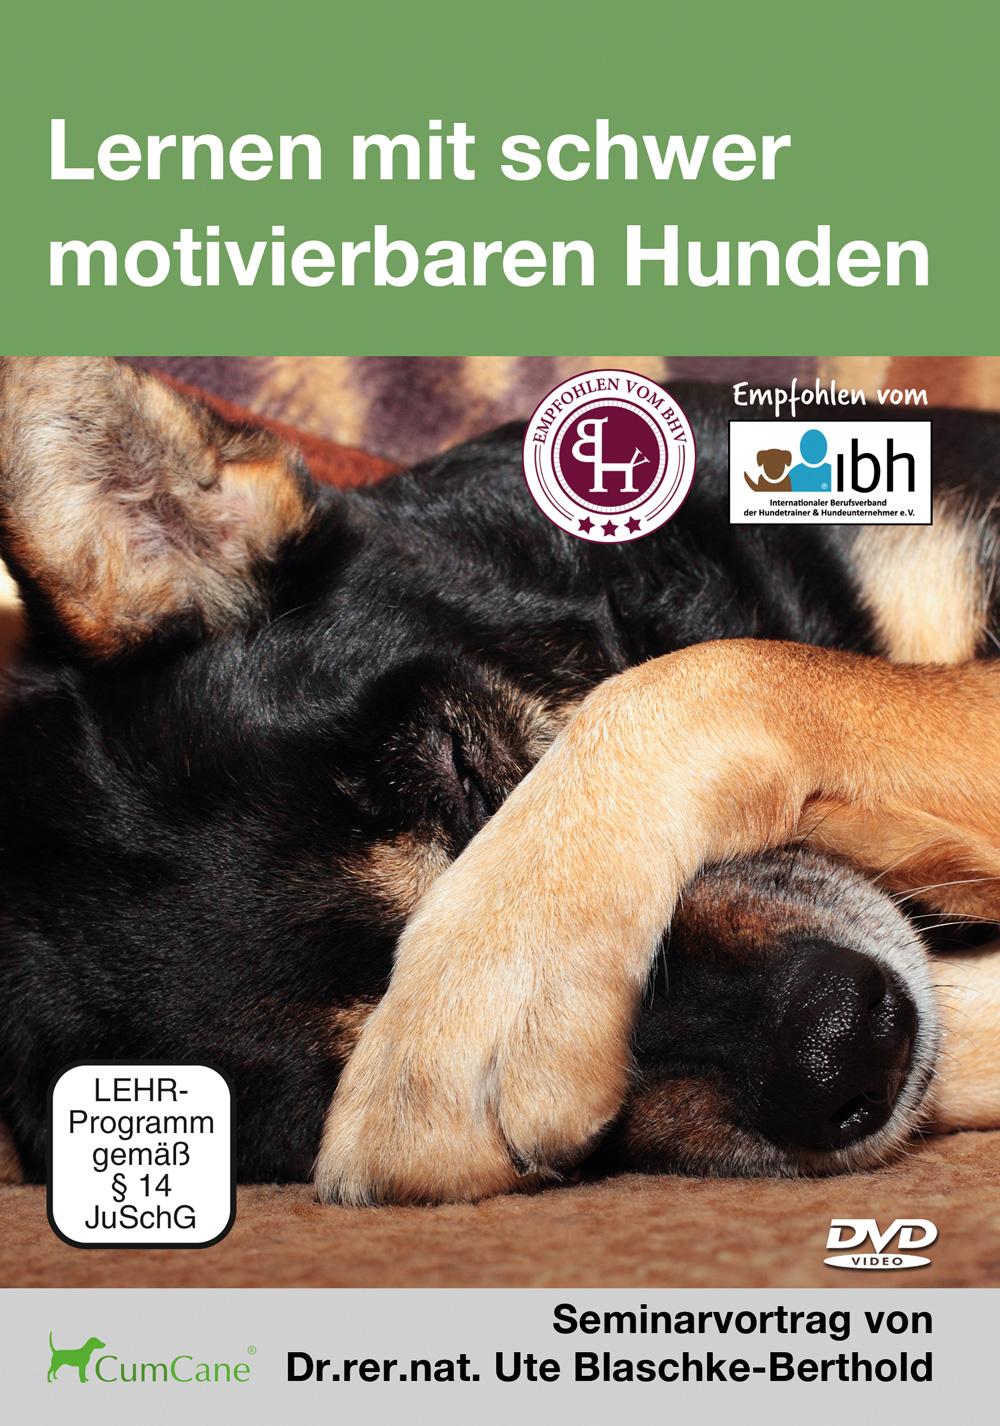 Lernen mit schwer motivierbaren Hunden mit Dr. Ute Blaschke-Berthold